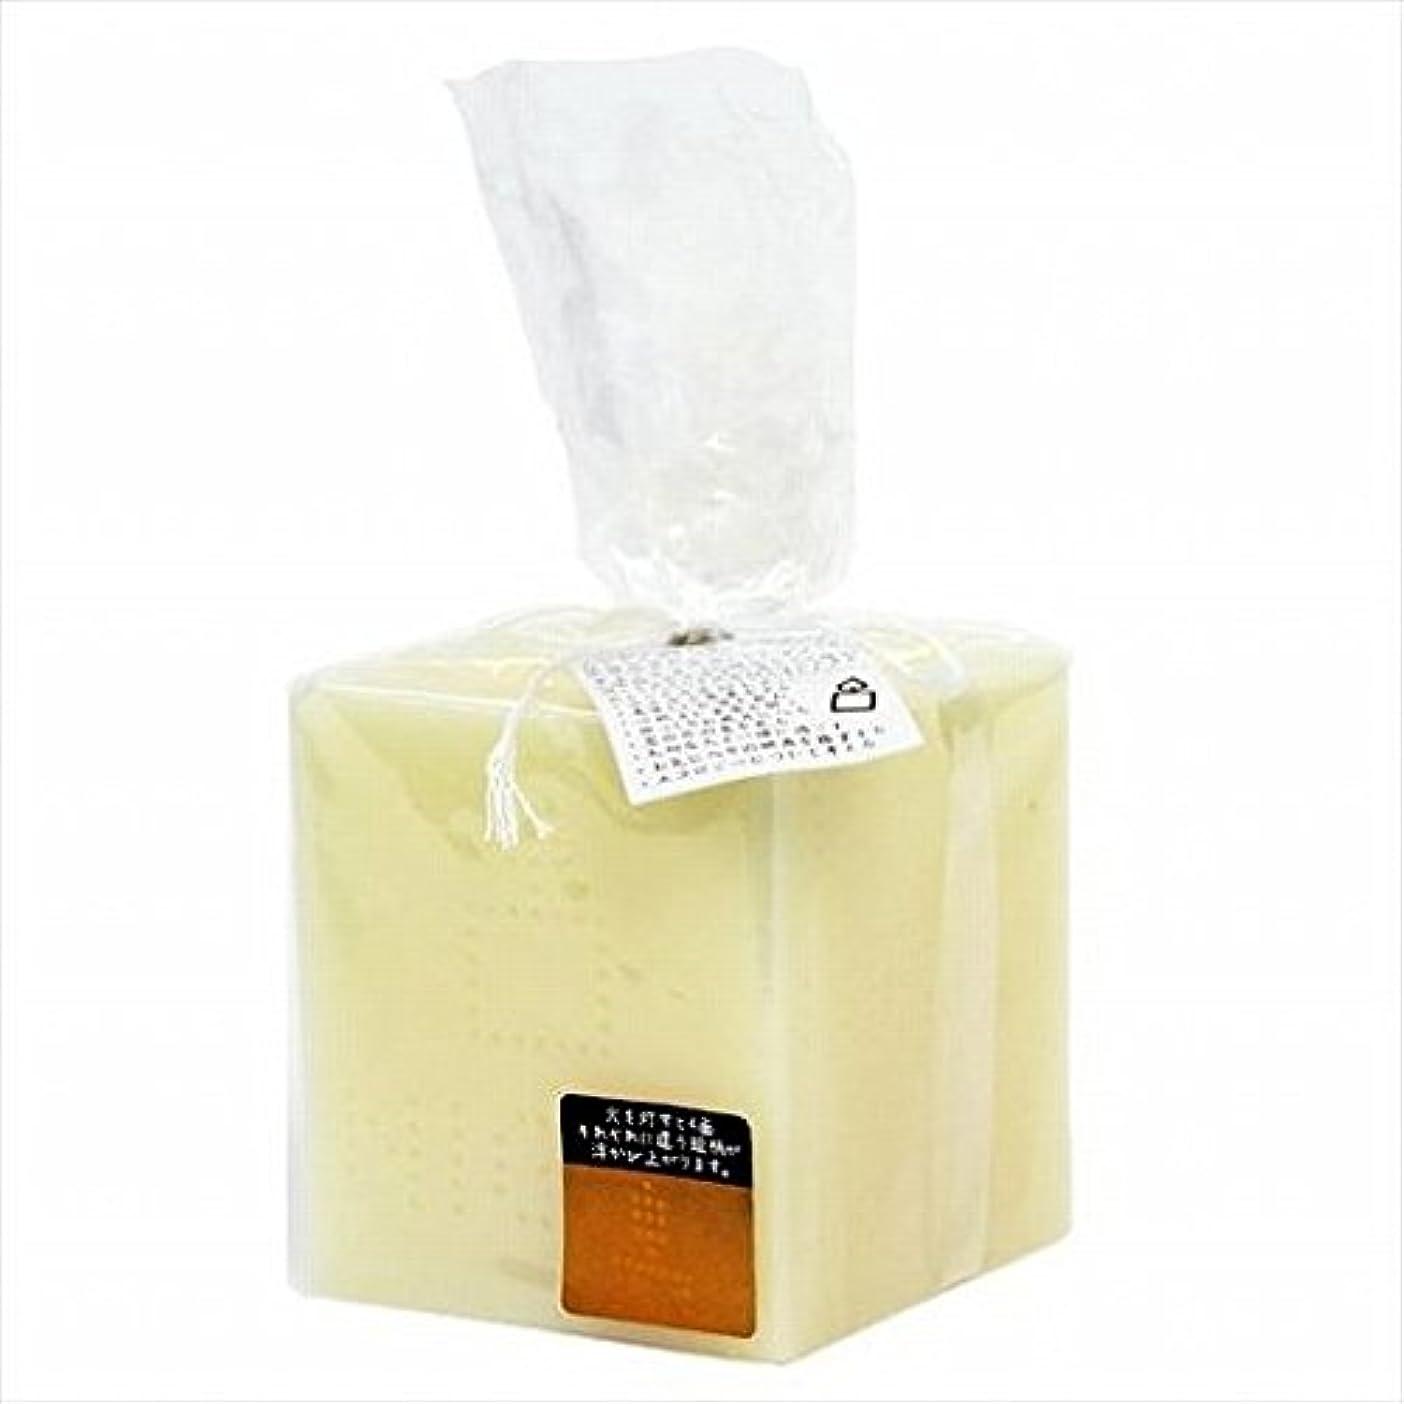 巨人最後のスラムkameyama candle(カメヤマキャンドル) キャンドルナイト キャンドル 70x70x160mm (A8640000)